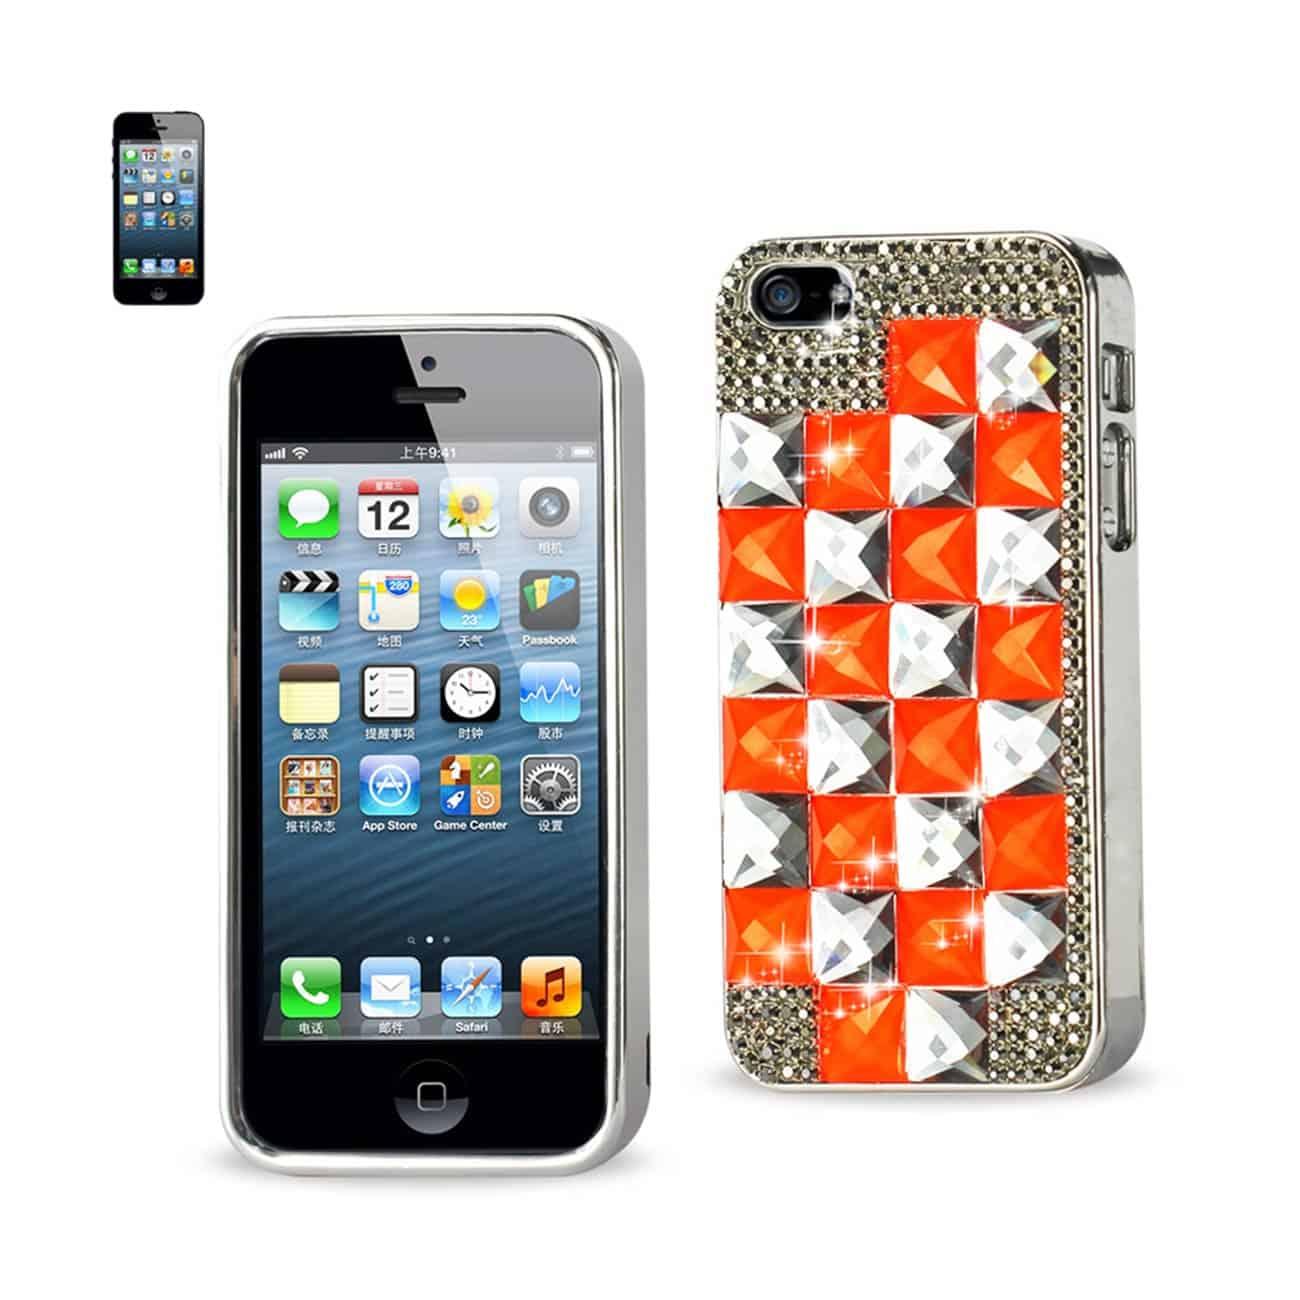 Chain Diamond Case For Iphone5 Orange&Gray Square Pattern Silver Orange